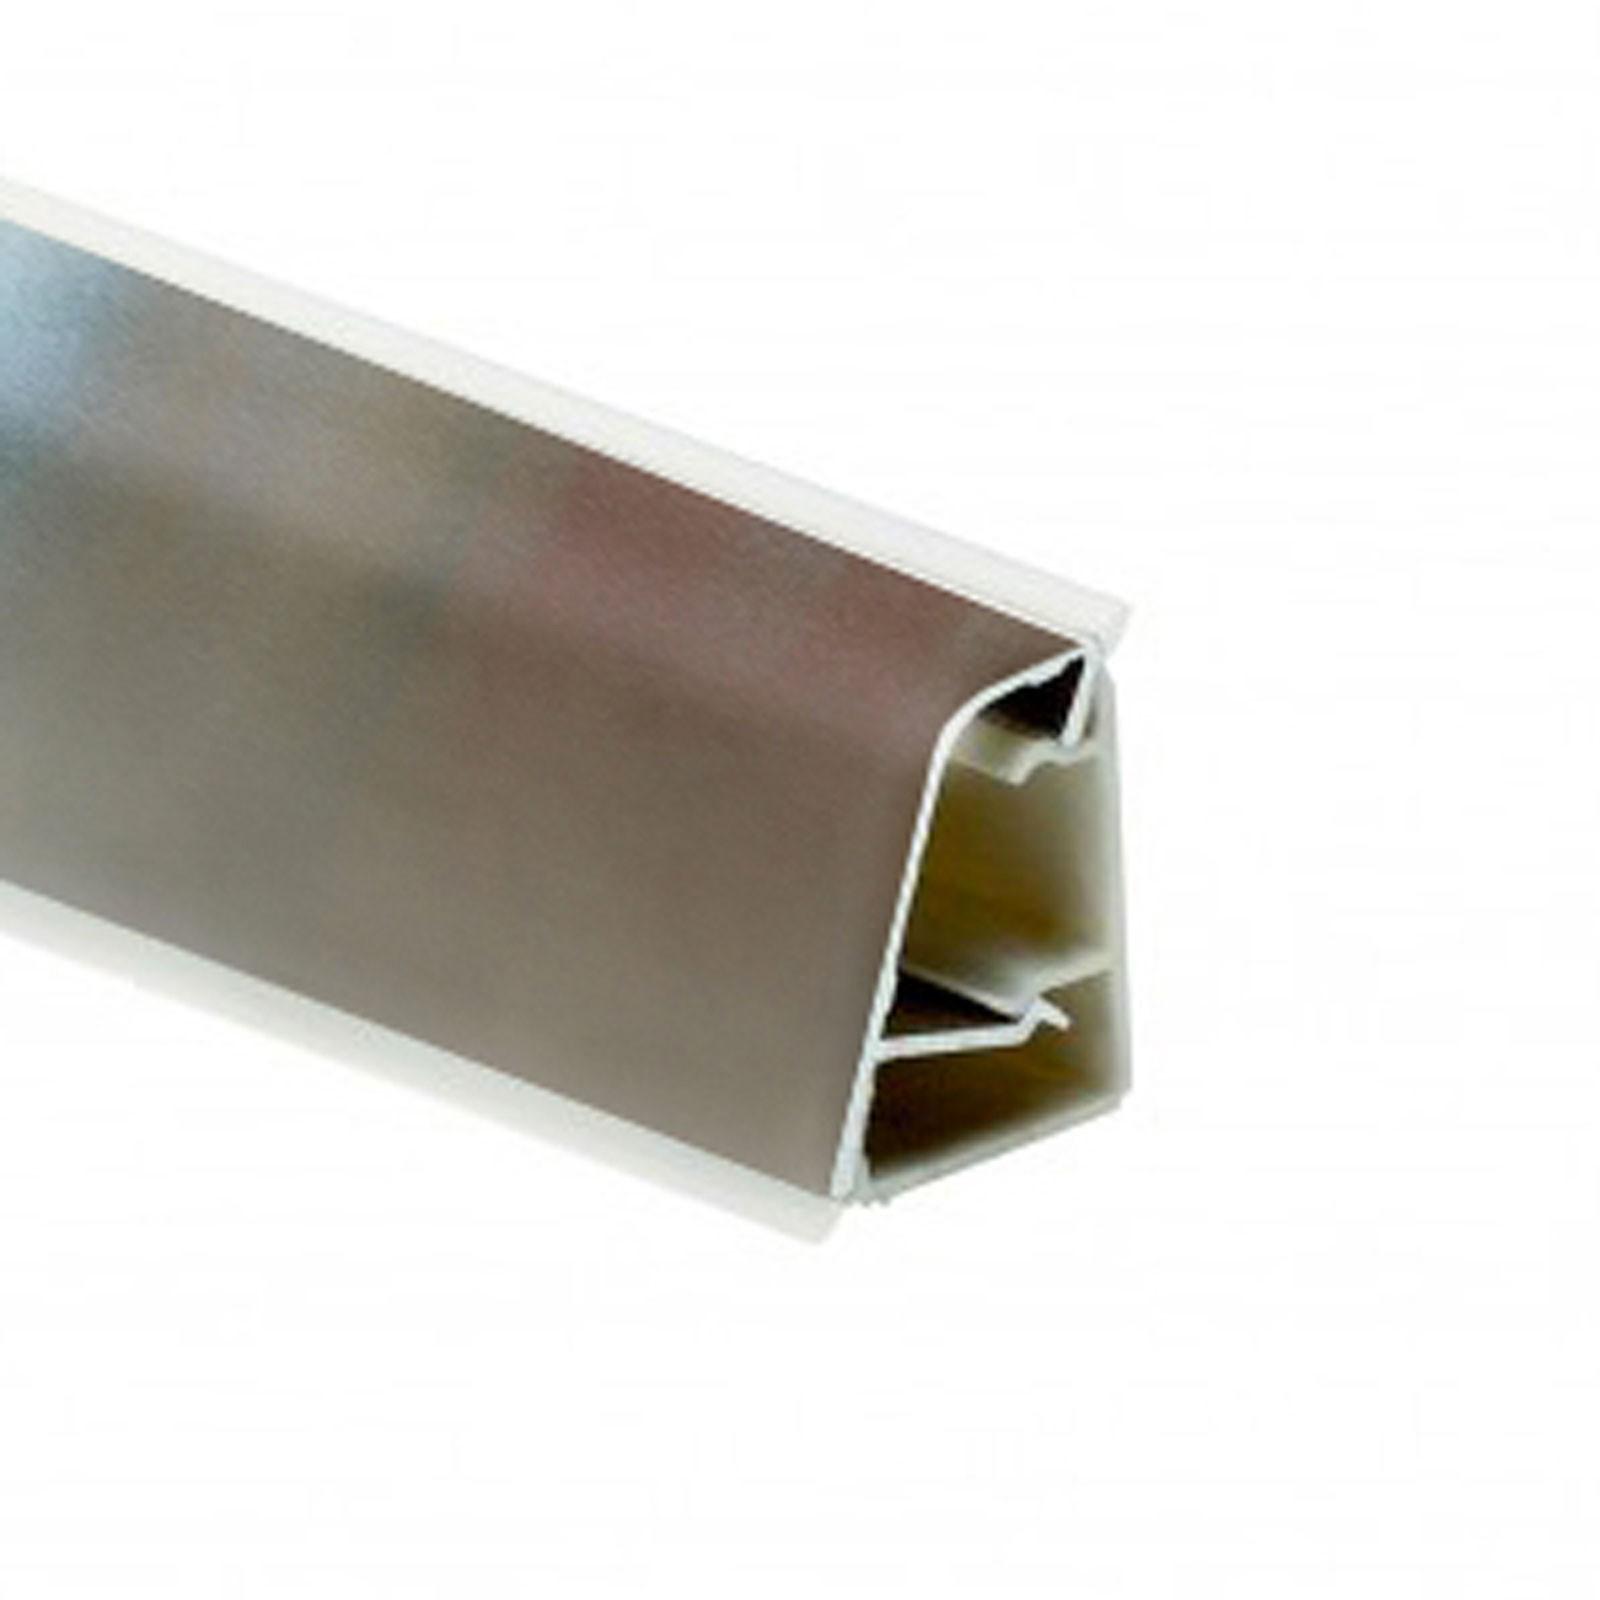 Alzatina Alluminio Per Cucina alzatina cucina in alluminio h. 1.2 cm su misura - shop